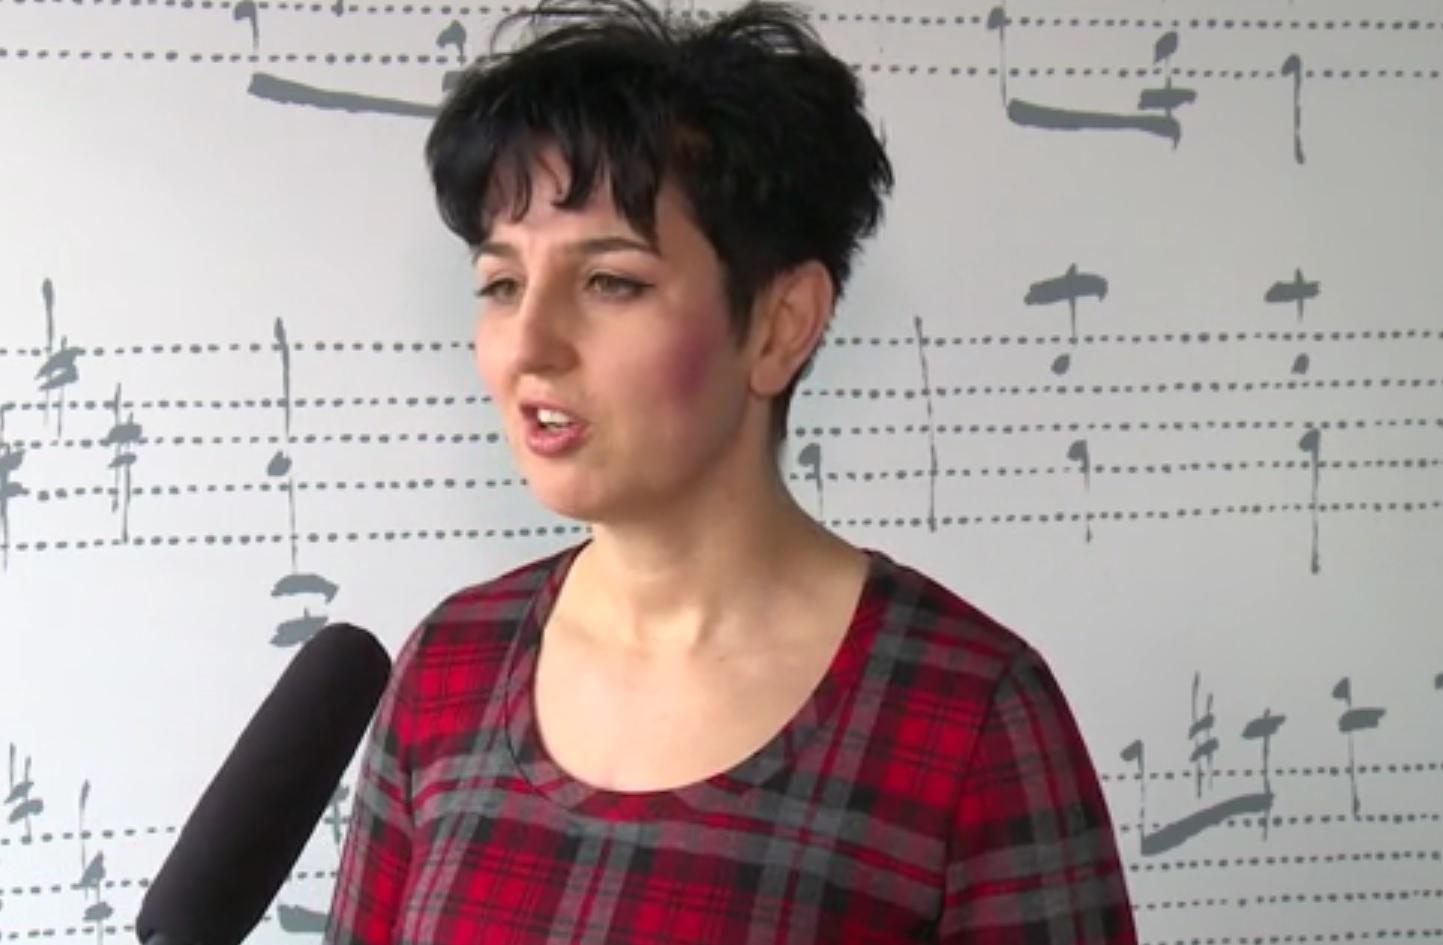 W dzisiejszych czasach muzyka poważna jest równie popularna jak wiele lat temu - mówi Agnieszka Franków-Żelazny (fot.InfoWire.pl)